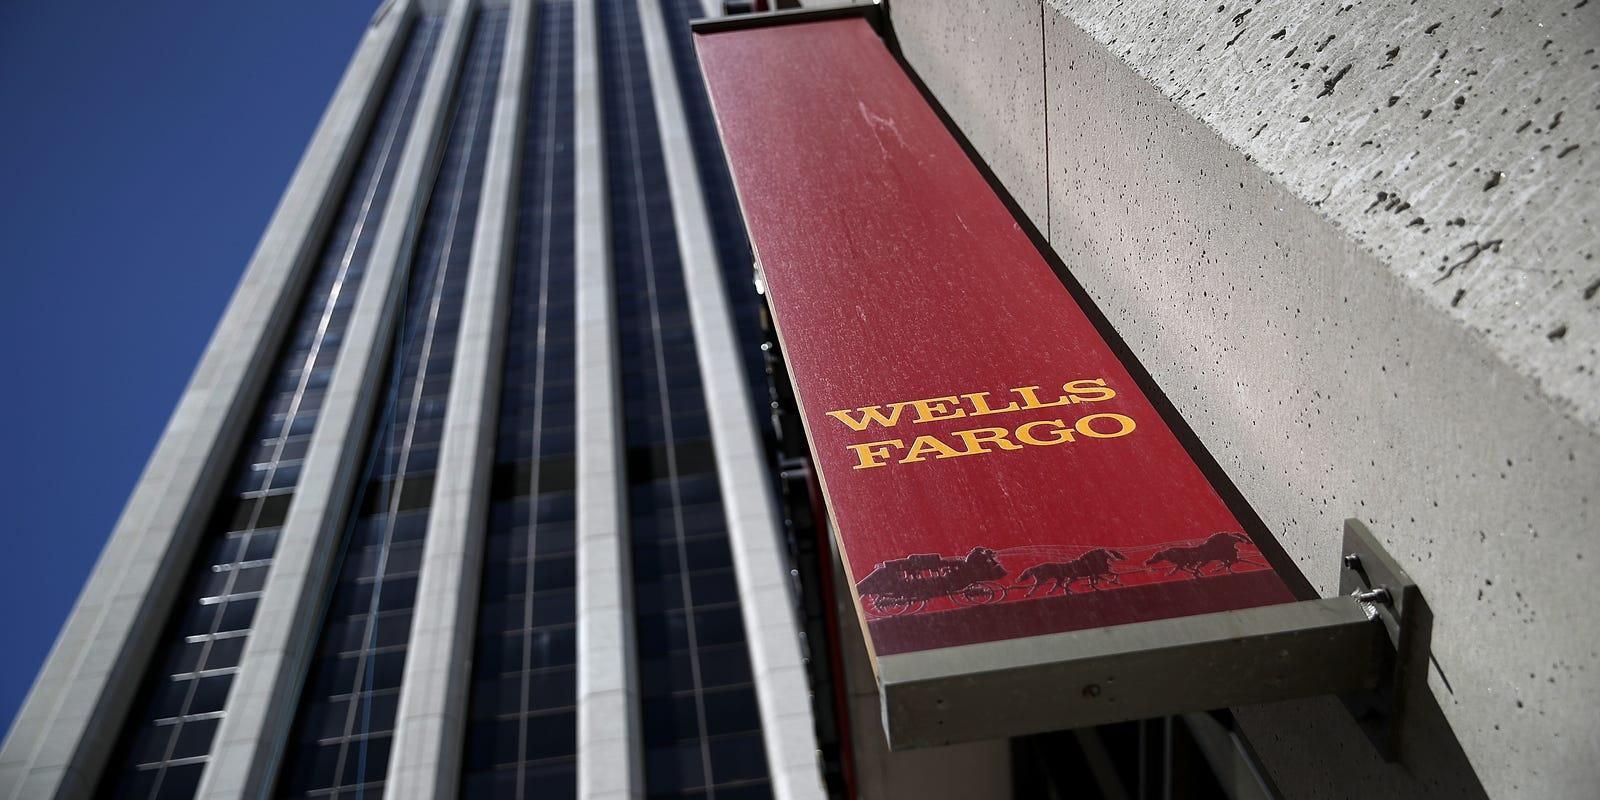 Wells Fargo Faces New Consumer Lawsuit Alleging Improper Mortgage Fees